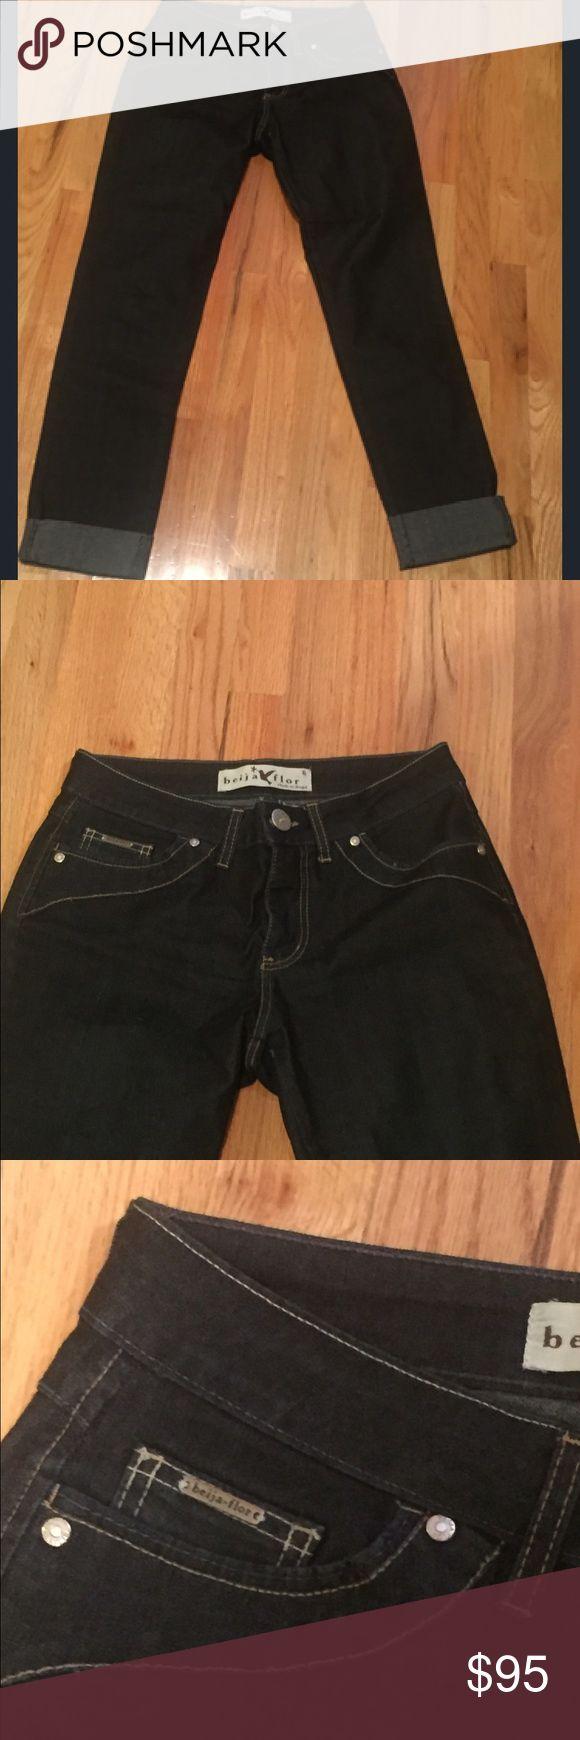 BEIJA FLOR jeans - lightly worn jeans BEIJA FLOR - lightly worn jeans - EXCELLENT COMDITION / style:  Jennifer skinny Beija Flor Jeans